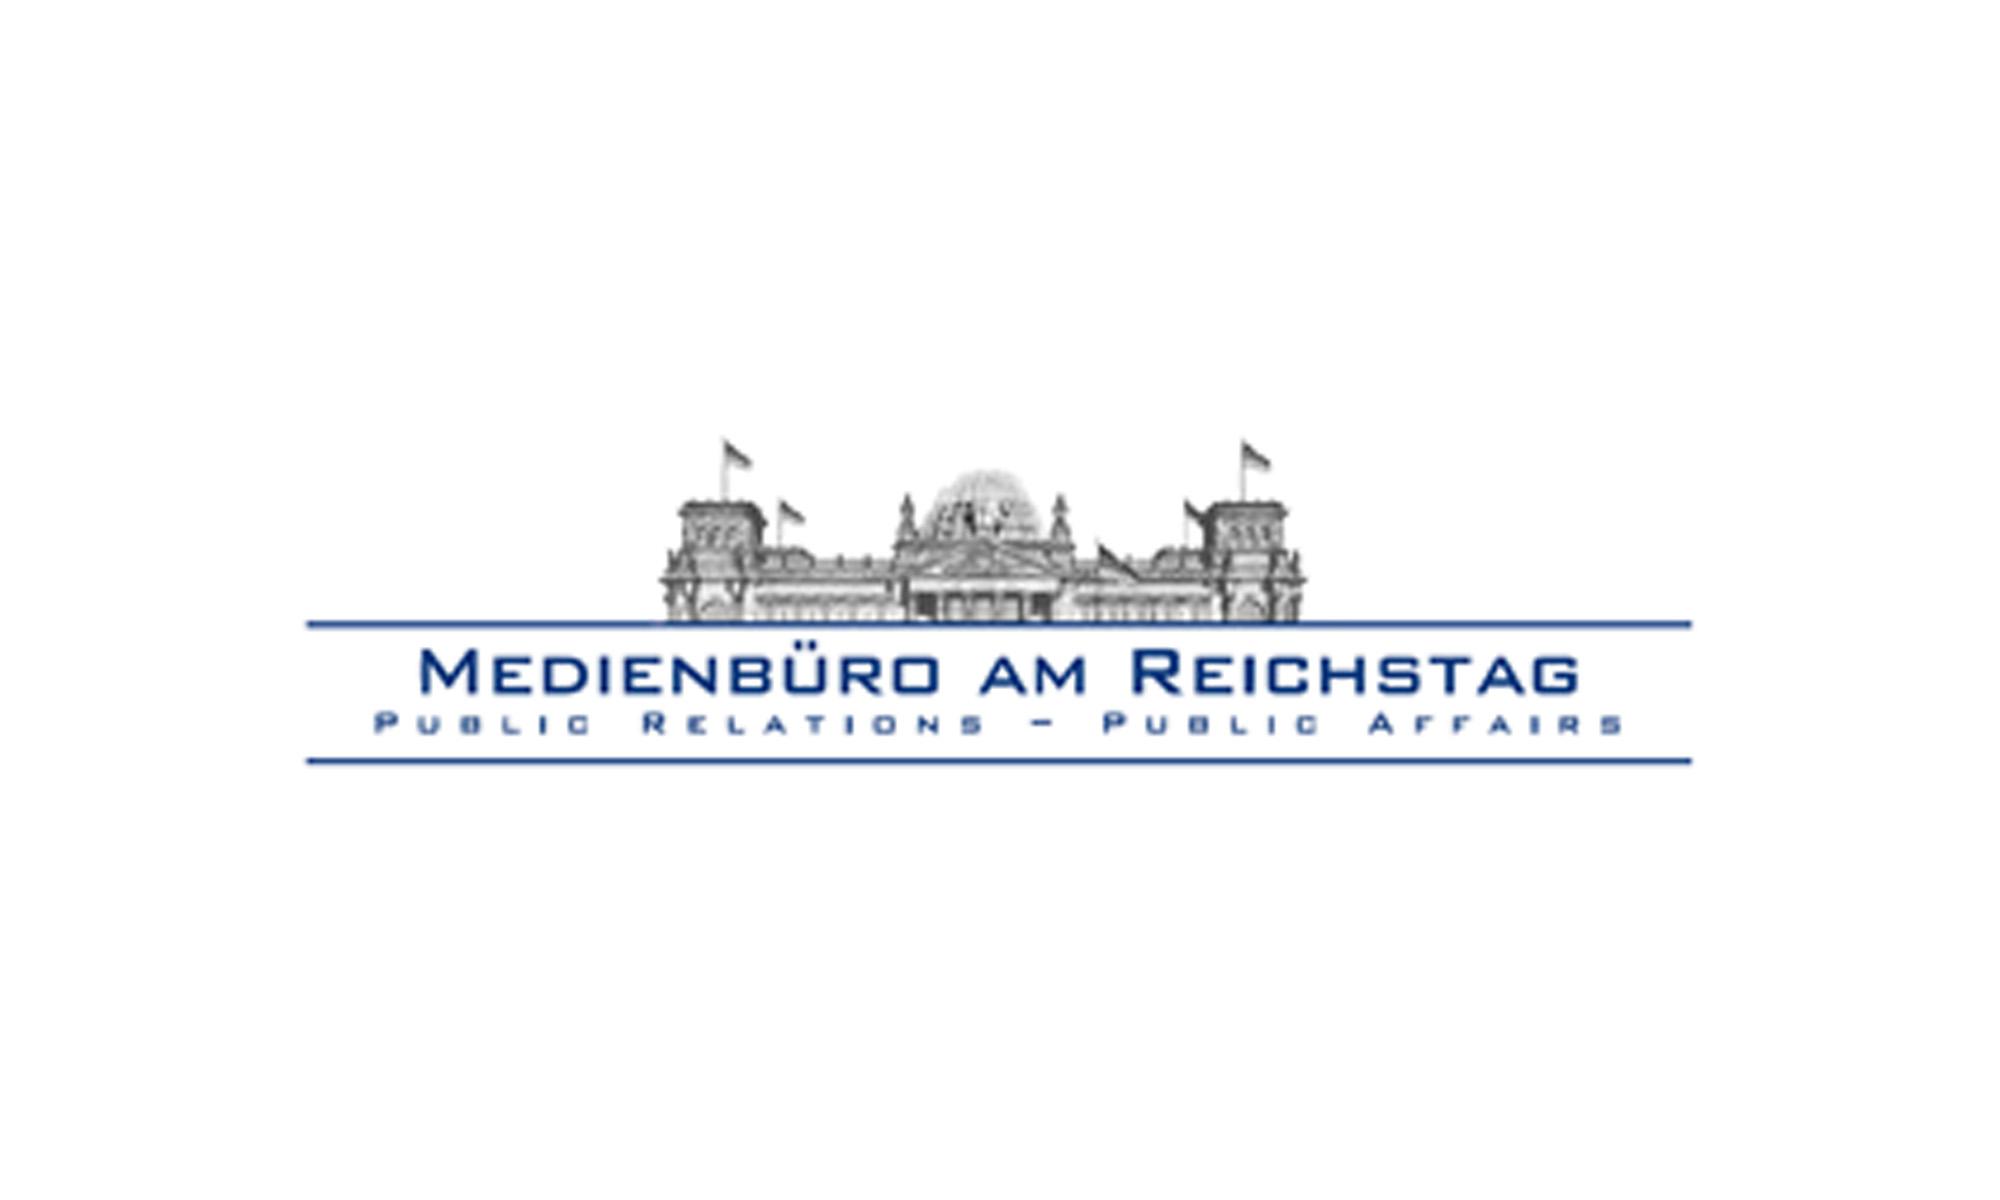 Medienbüro am Reichstag